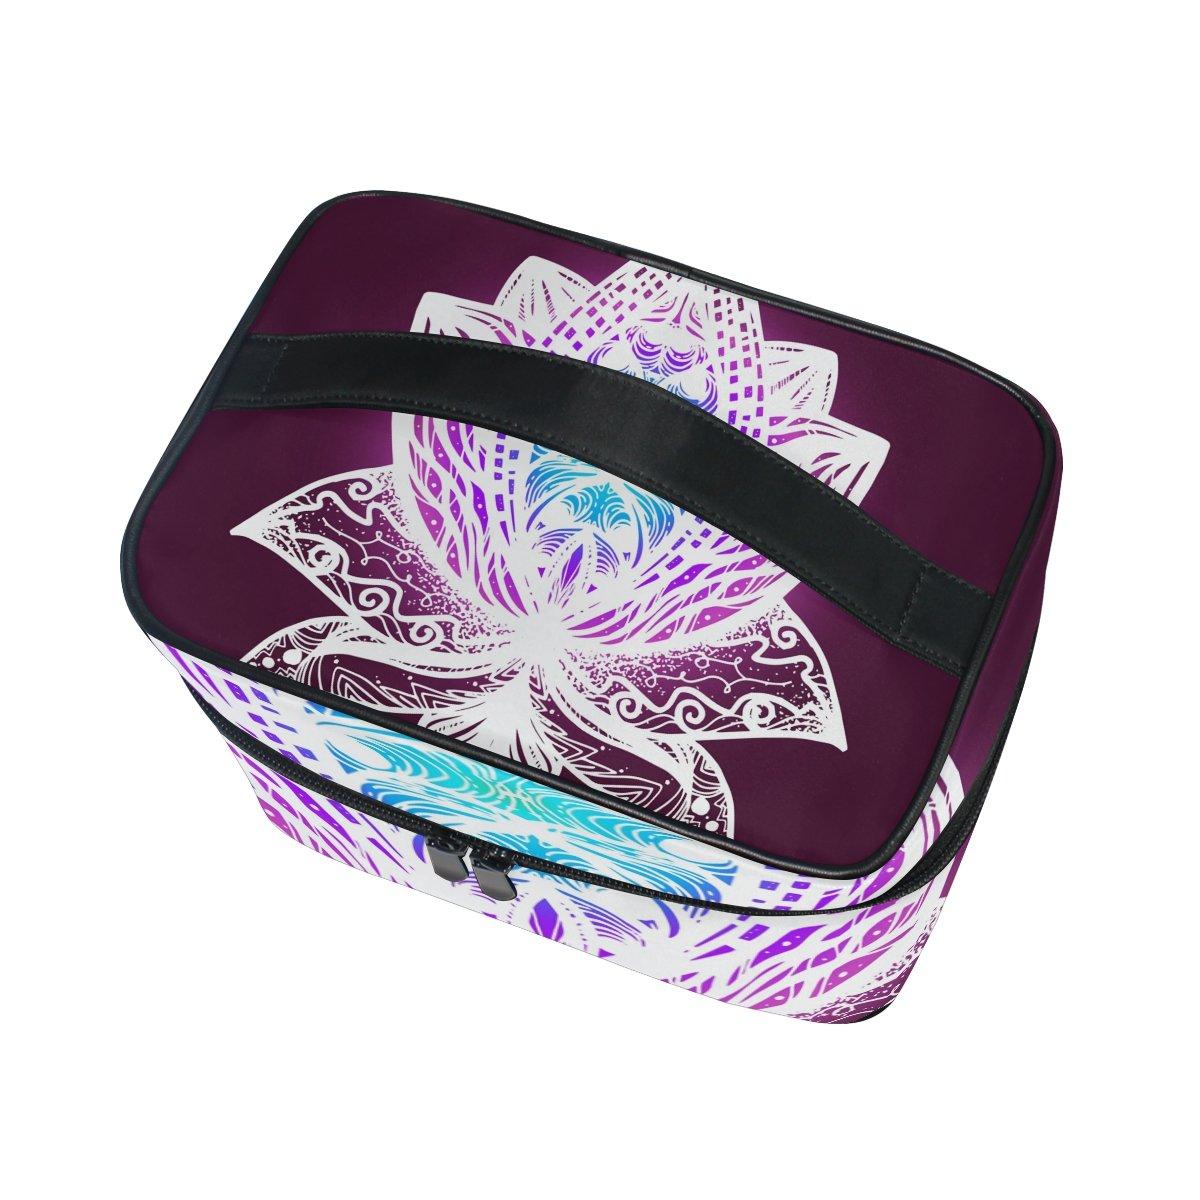 Tizorax lumineux Fleur Lotus Grande trousse cosm/étique de voyage Organiseur de maquillage Coque support pour femme Filles